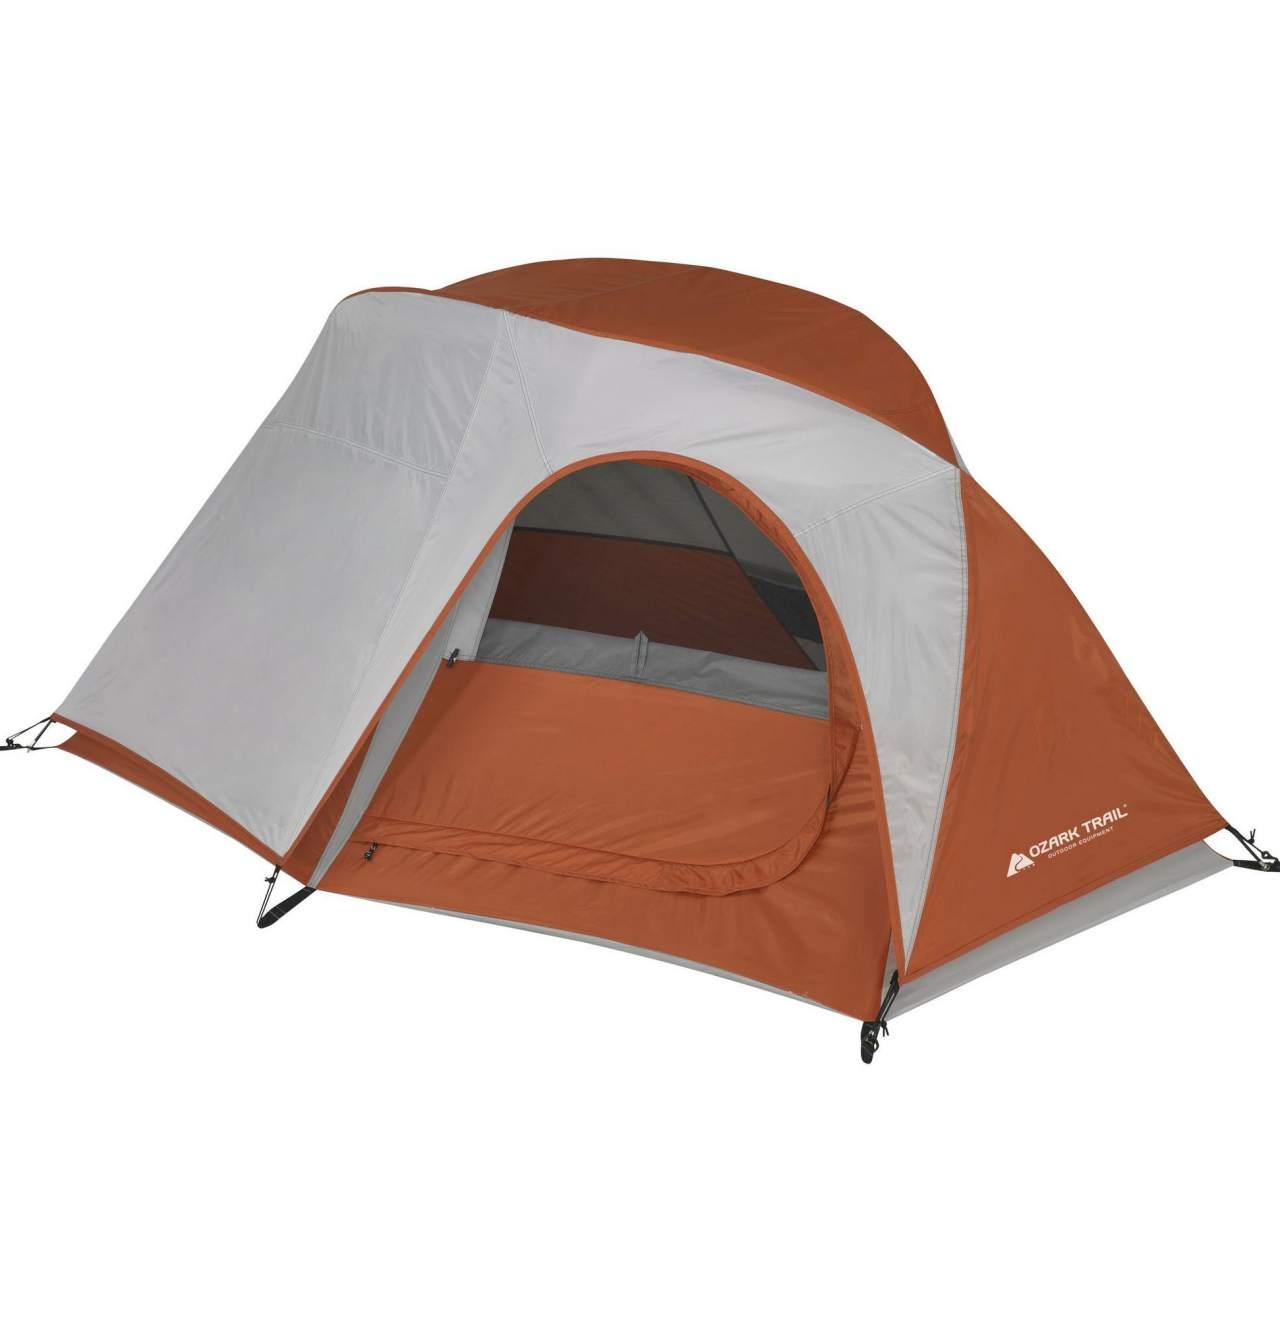 【5%オフクーポン発行中】アウトドア 輸入 テントオザークトレイル ソロ Ozark Trail 3シーズン 1人用 ハイカーテント Ozark Trail 1-Person Hiker Tent